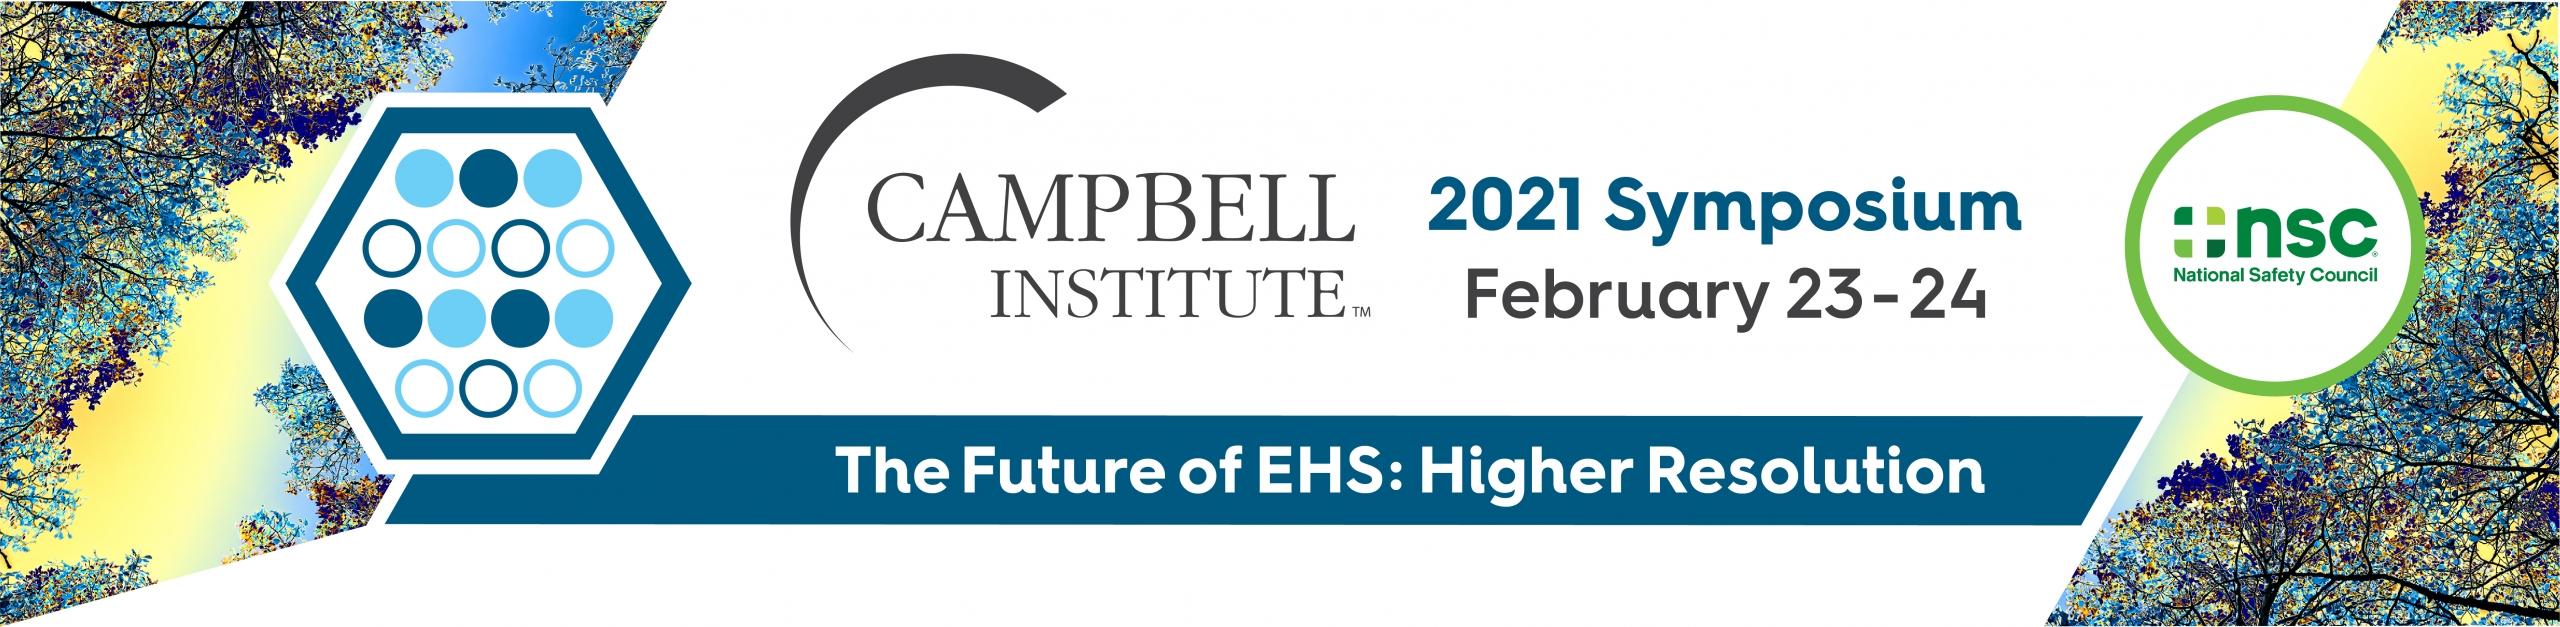 2021 Symposium